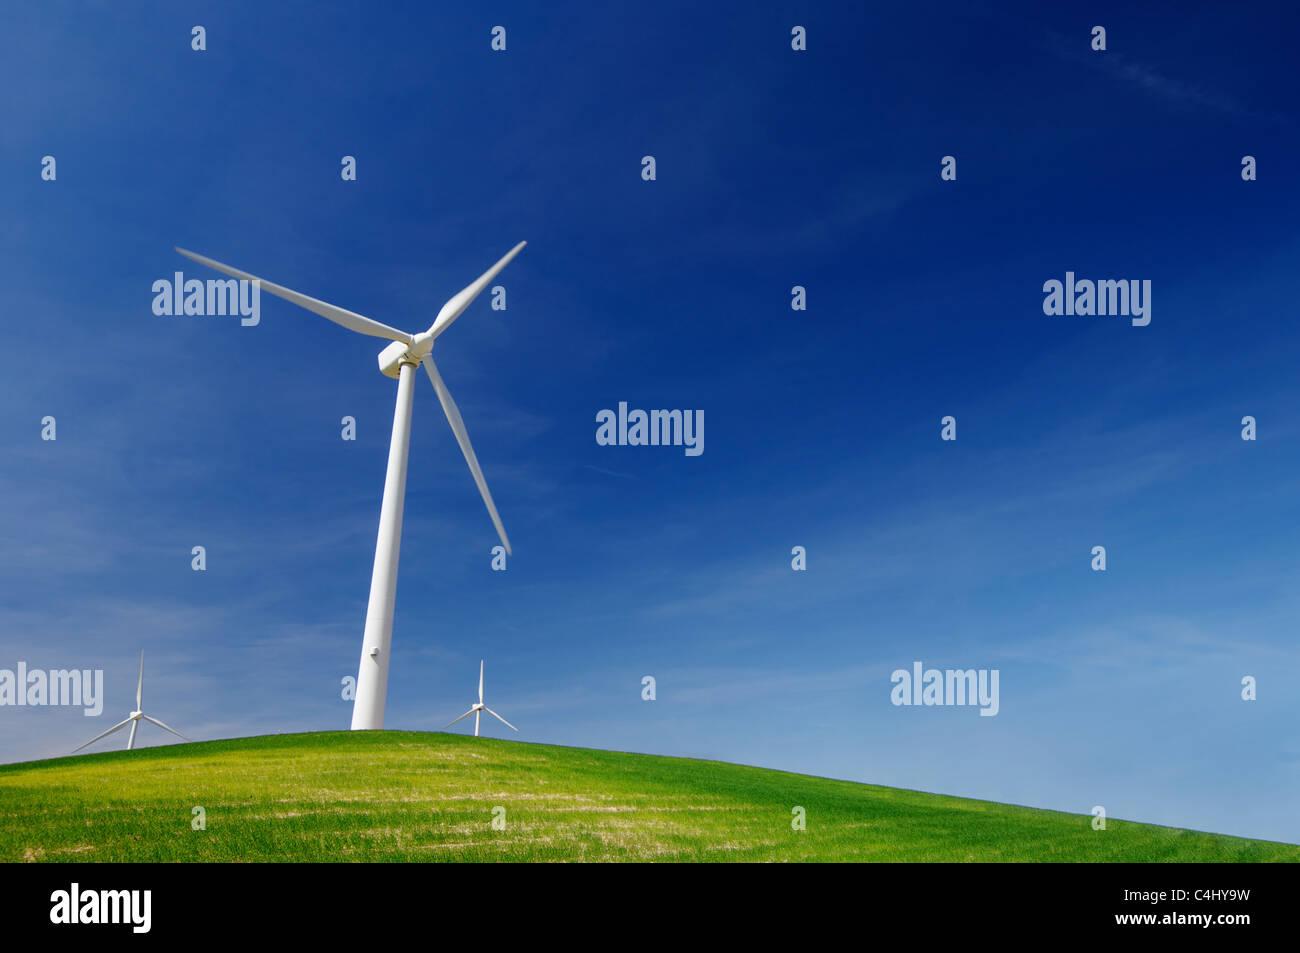 Les moulins à vent sur une colline verte avec ciel bleu Photo Stock